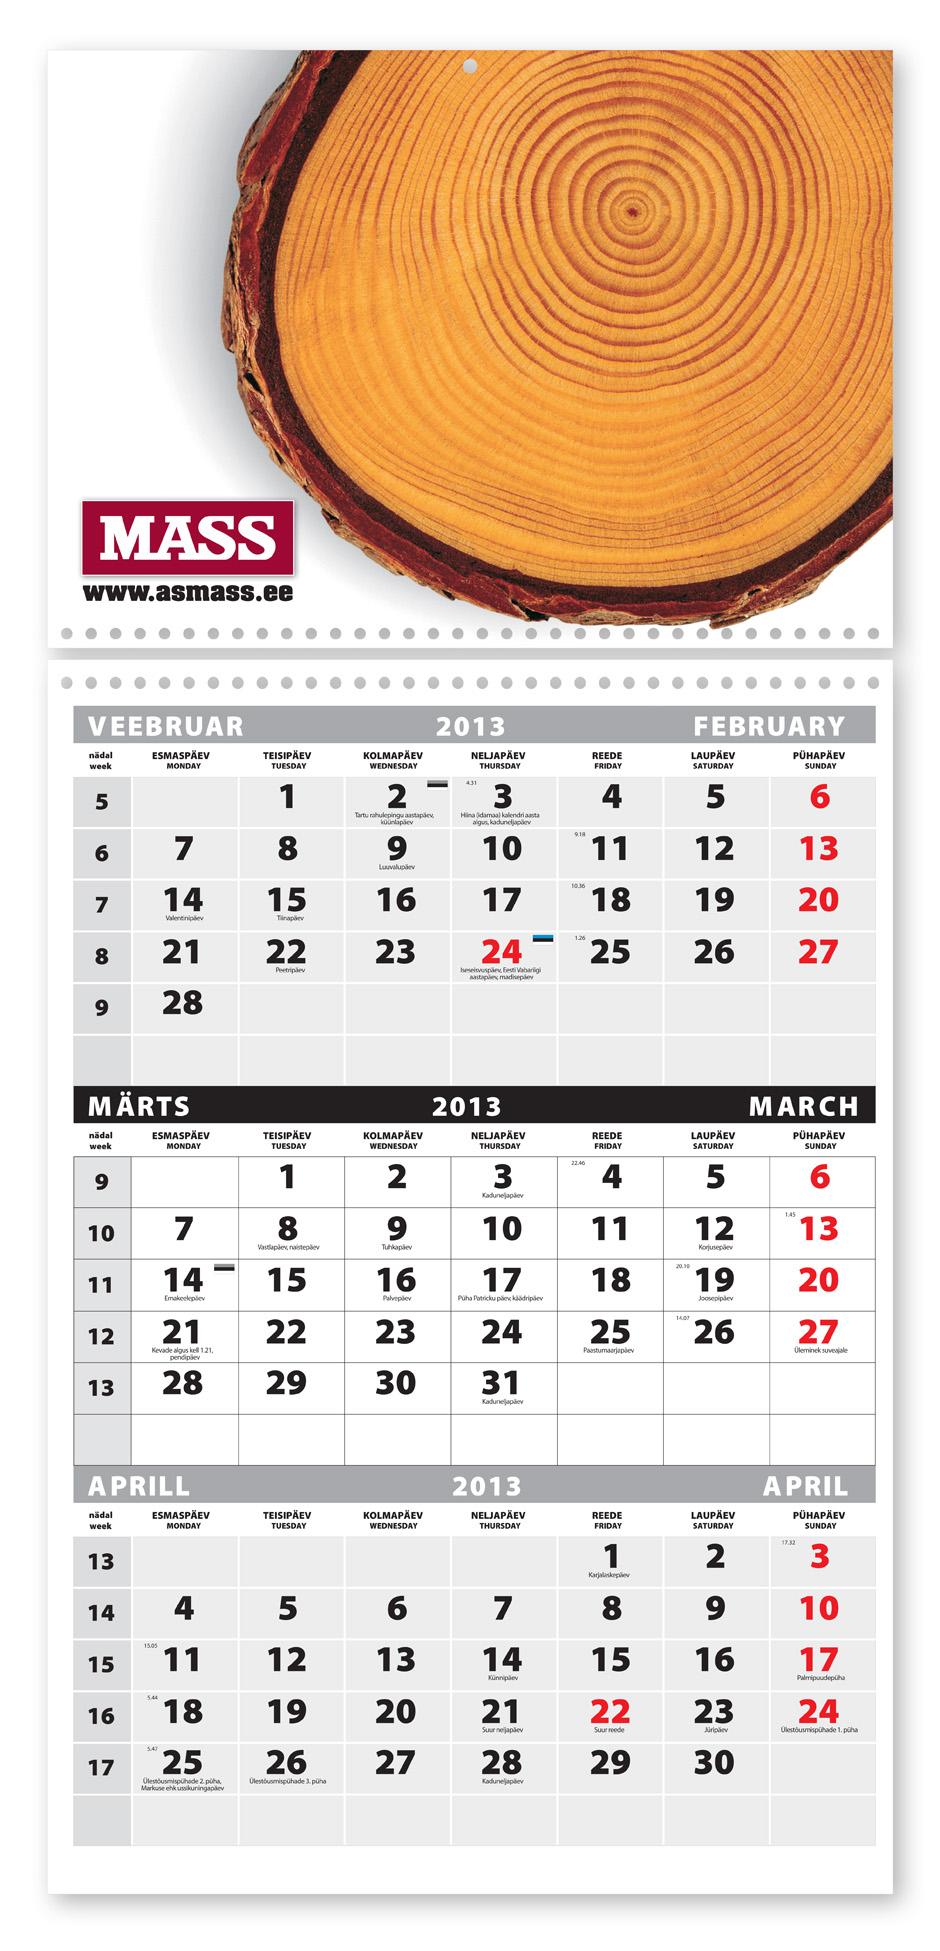 Mass_kalender_2013_kodukas